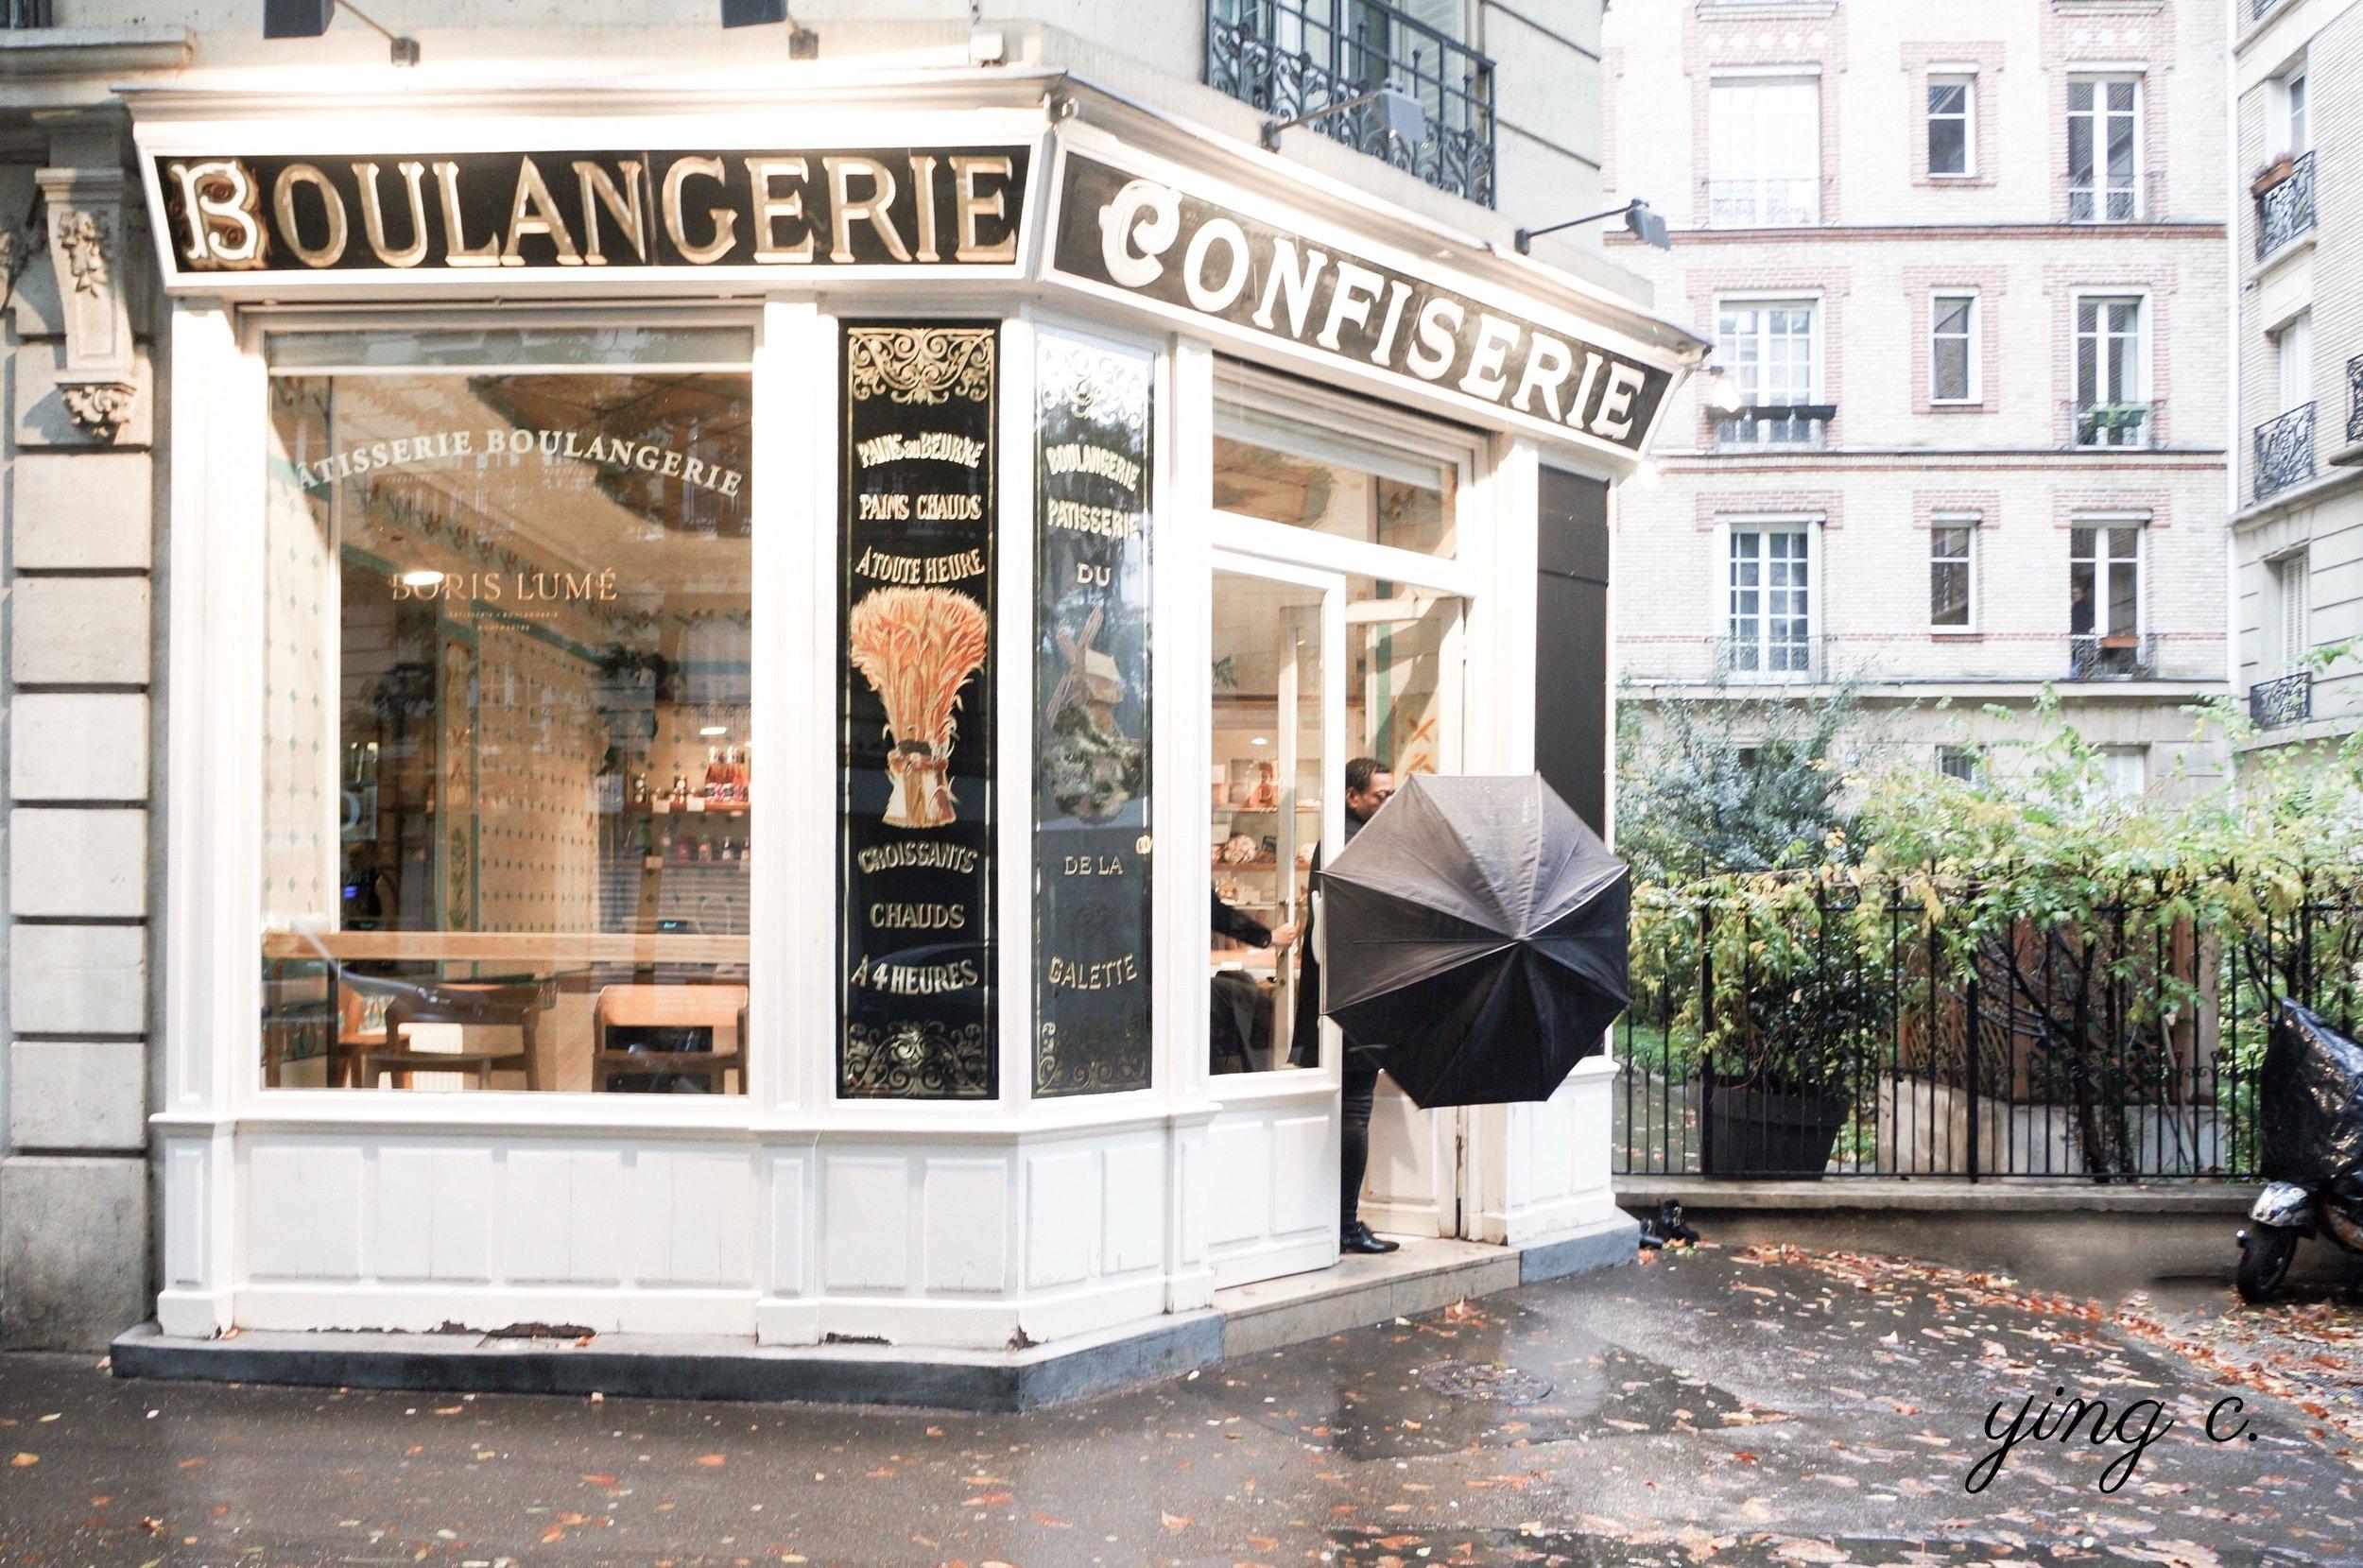 巴黎  Boris Lumé pâtisserie boulangerie ,店面外觀非常古典,是 20 世紀初期的新藝術風格(art nouveau)。門楣上用燙金字體寫著「BOULANGERIE」、「CONFISERIE [1] 」,玻璃窗上則有「PÂTISSERIE BOULANGERIE」的字樣。